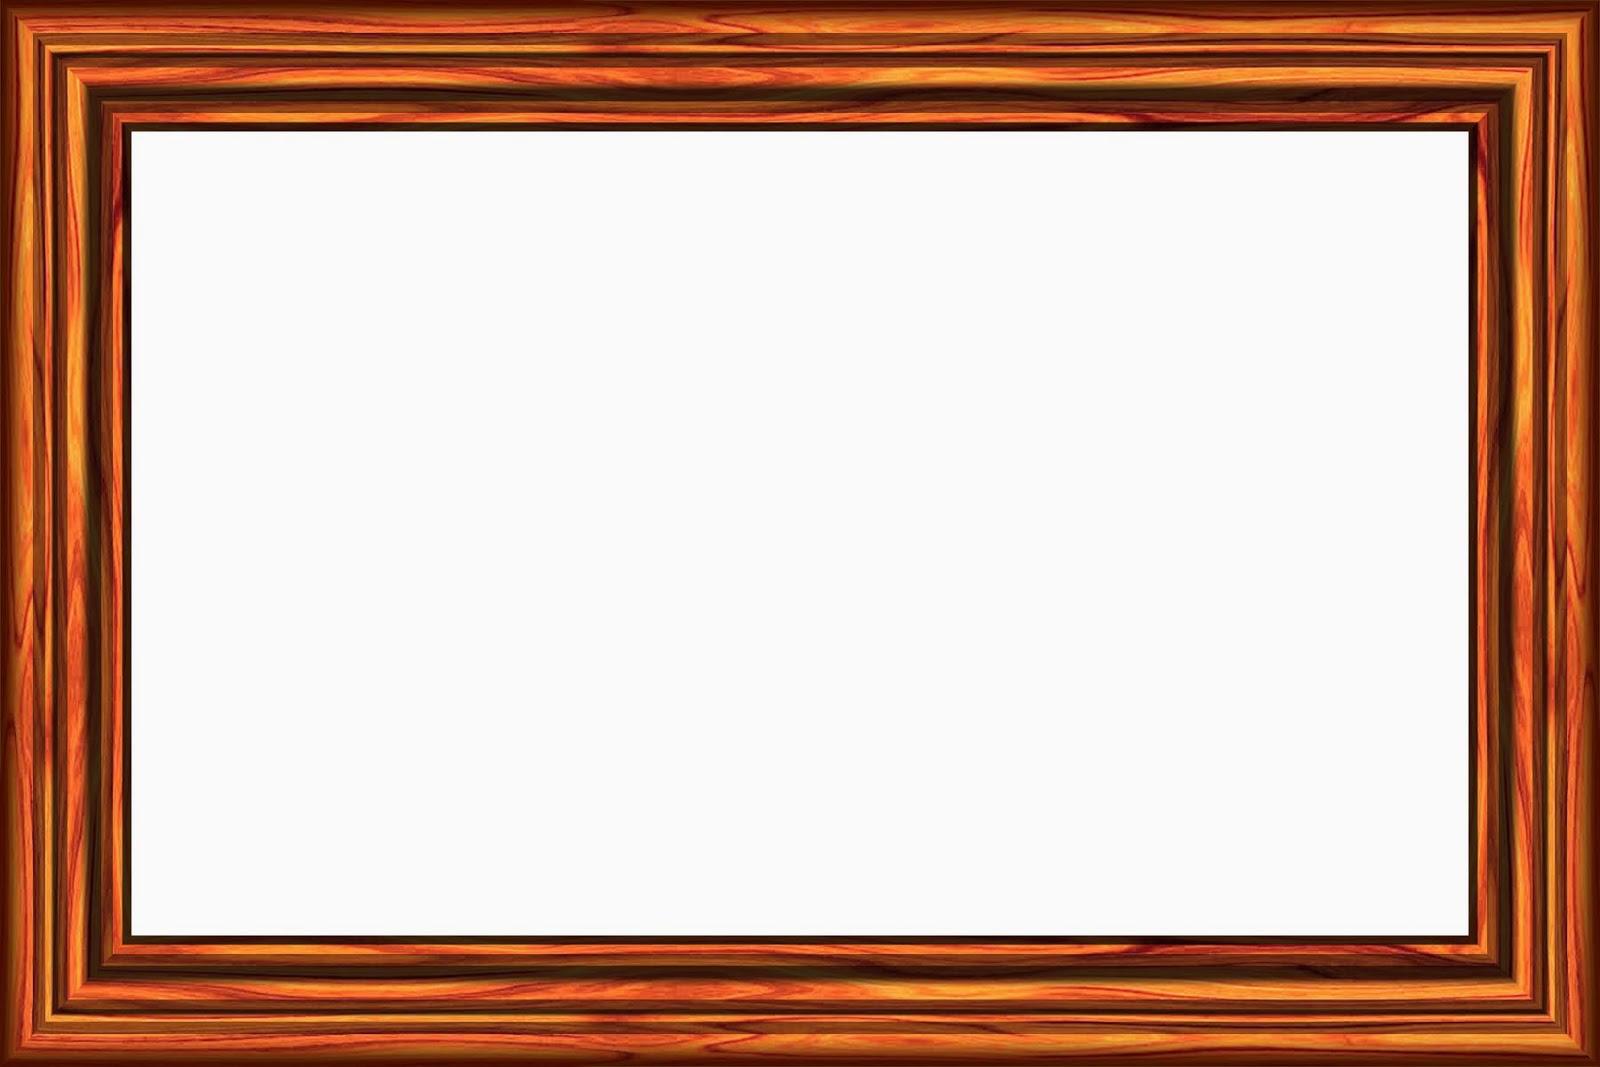 Wood Frame Photoshop - Frame Design & Reviews ✓